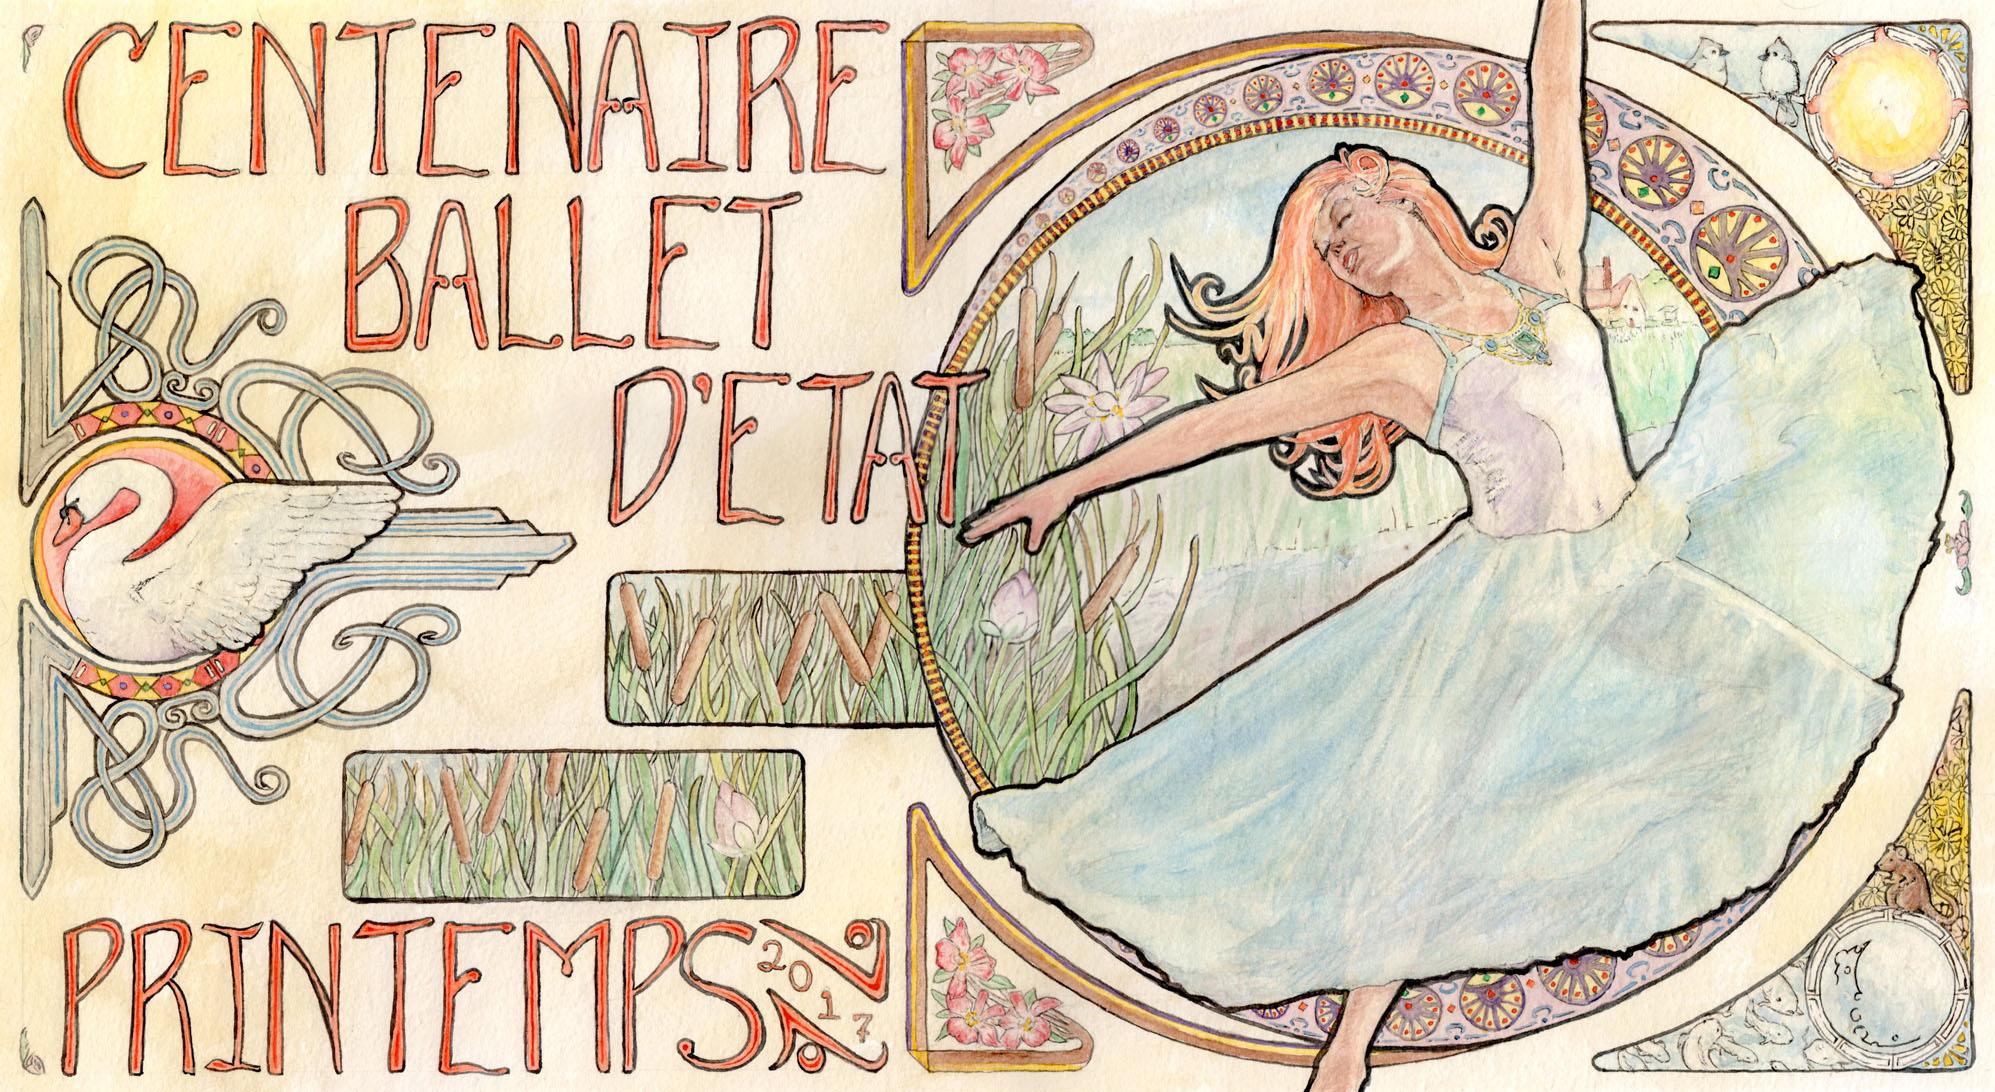 Centenaire Ballet D'Etat